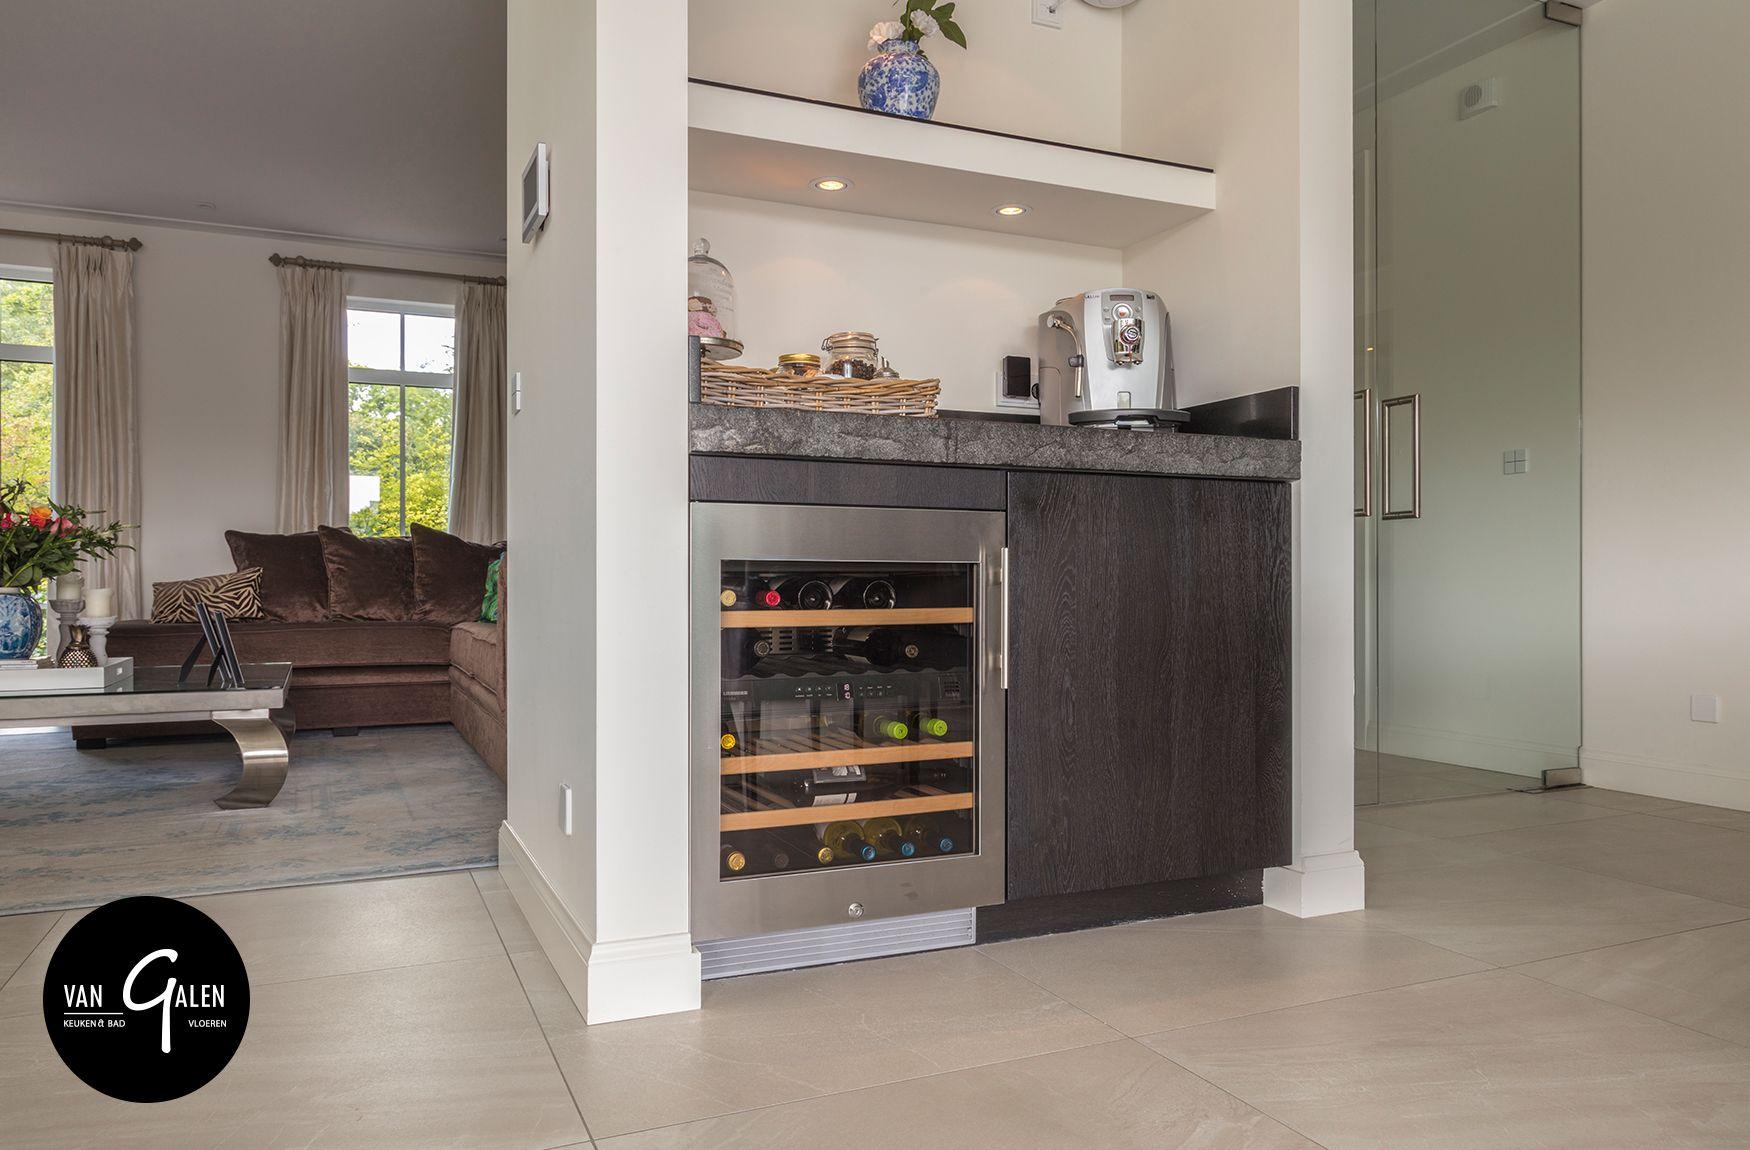 Keuken en bijkeuken geleverd in vught met massief stenen spoelbak